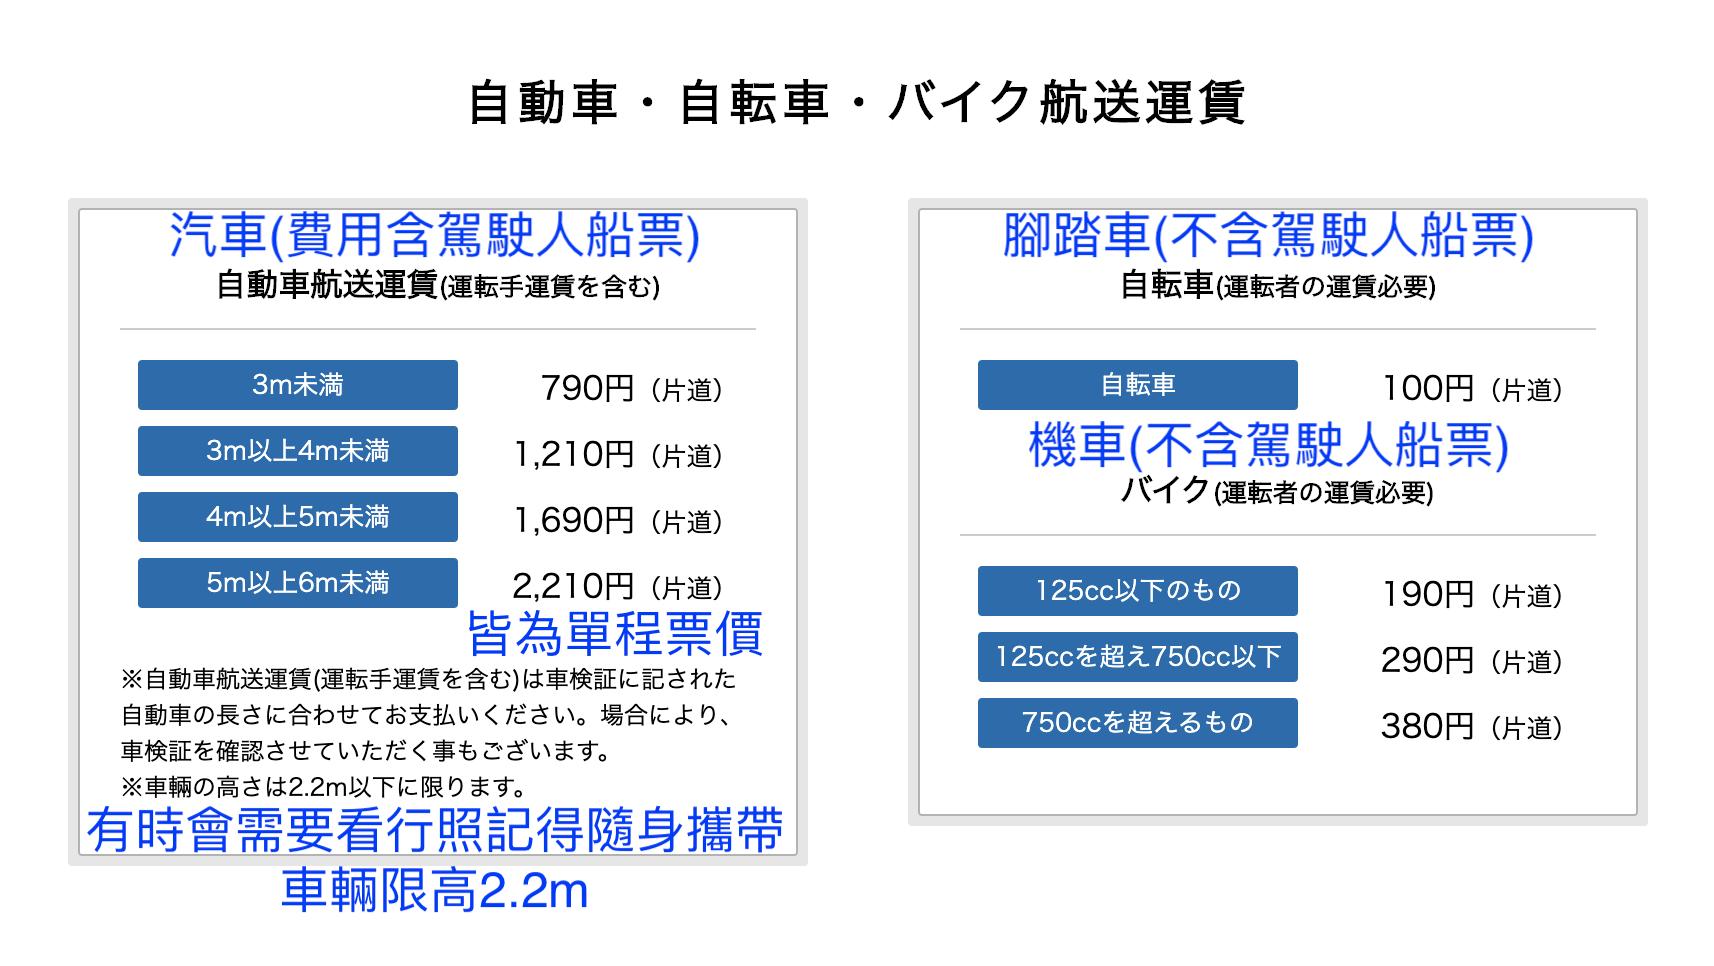 渡輪載其他交通工具。圖源:JR西日本宮島フェリー官網